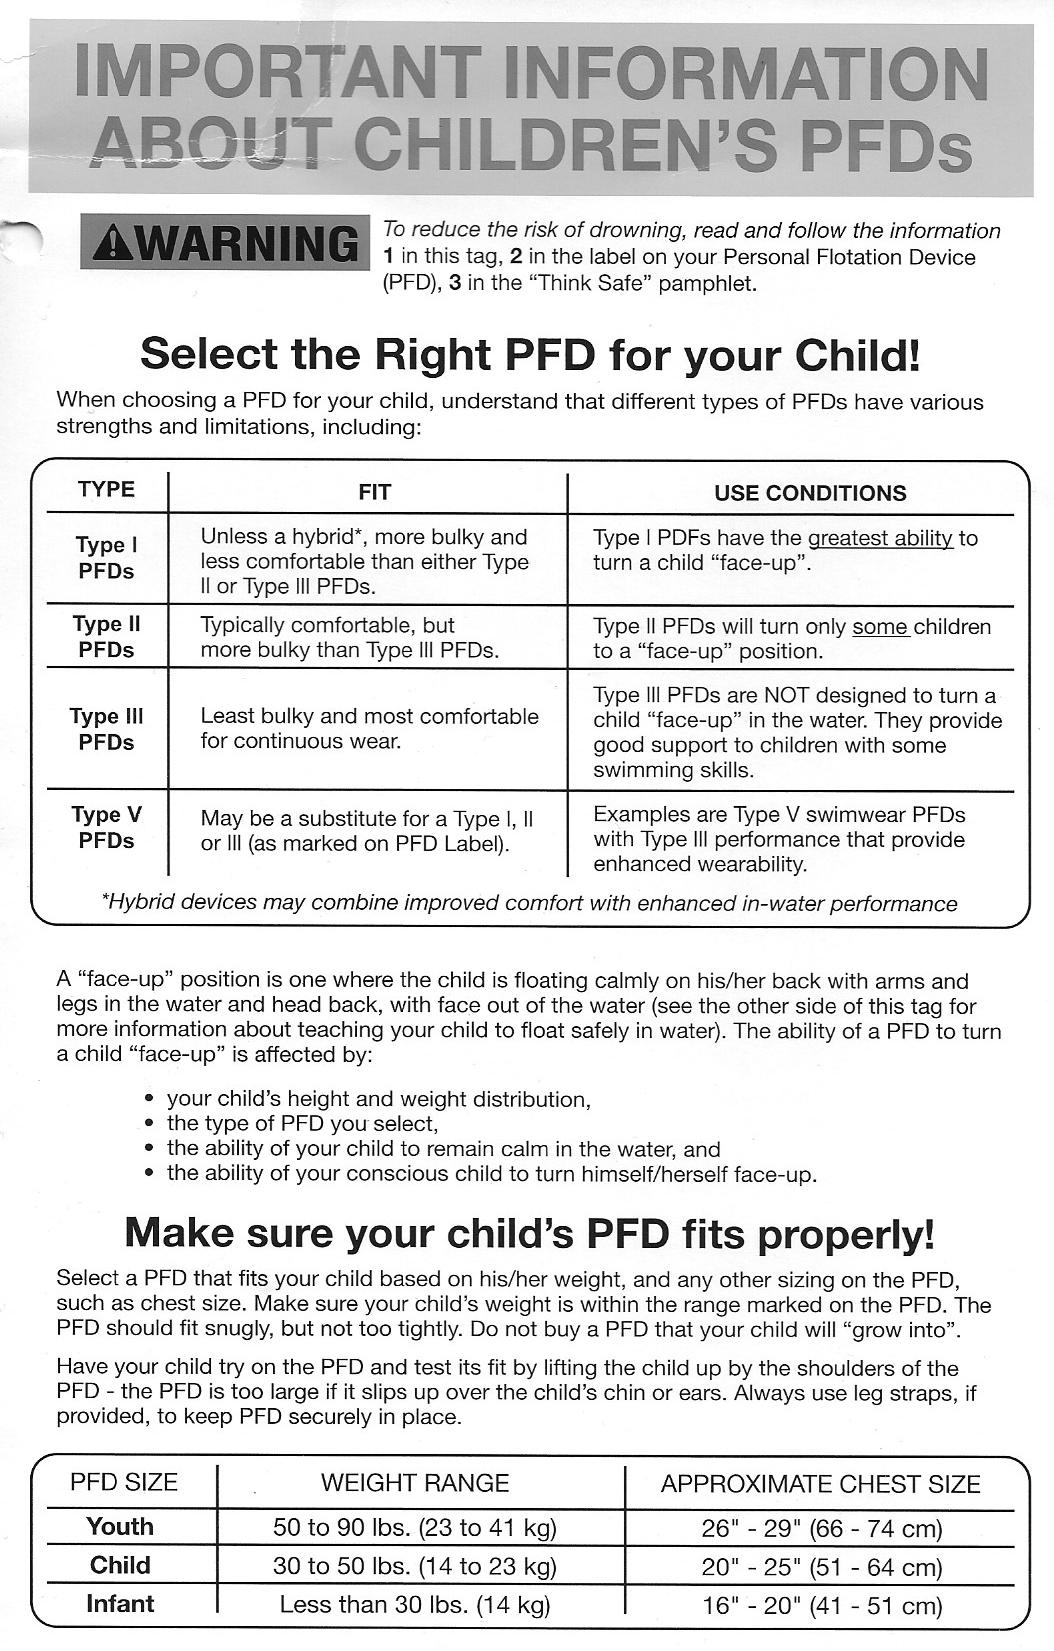 Info on PFDs